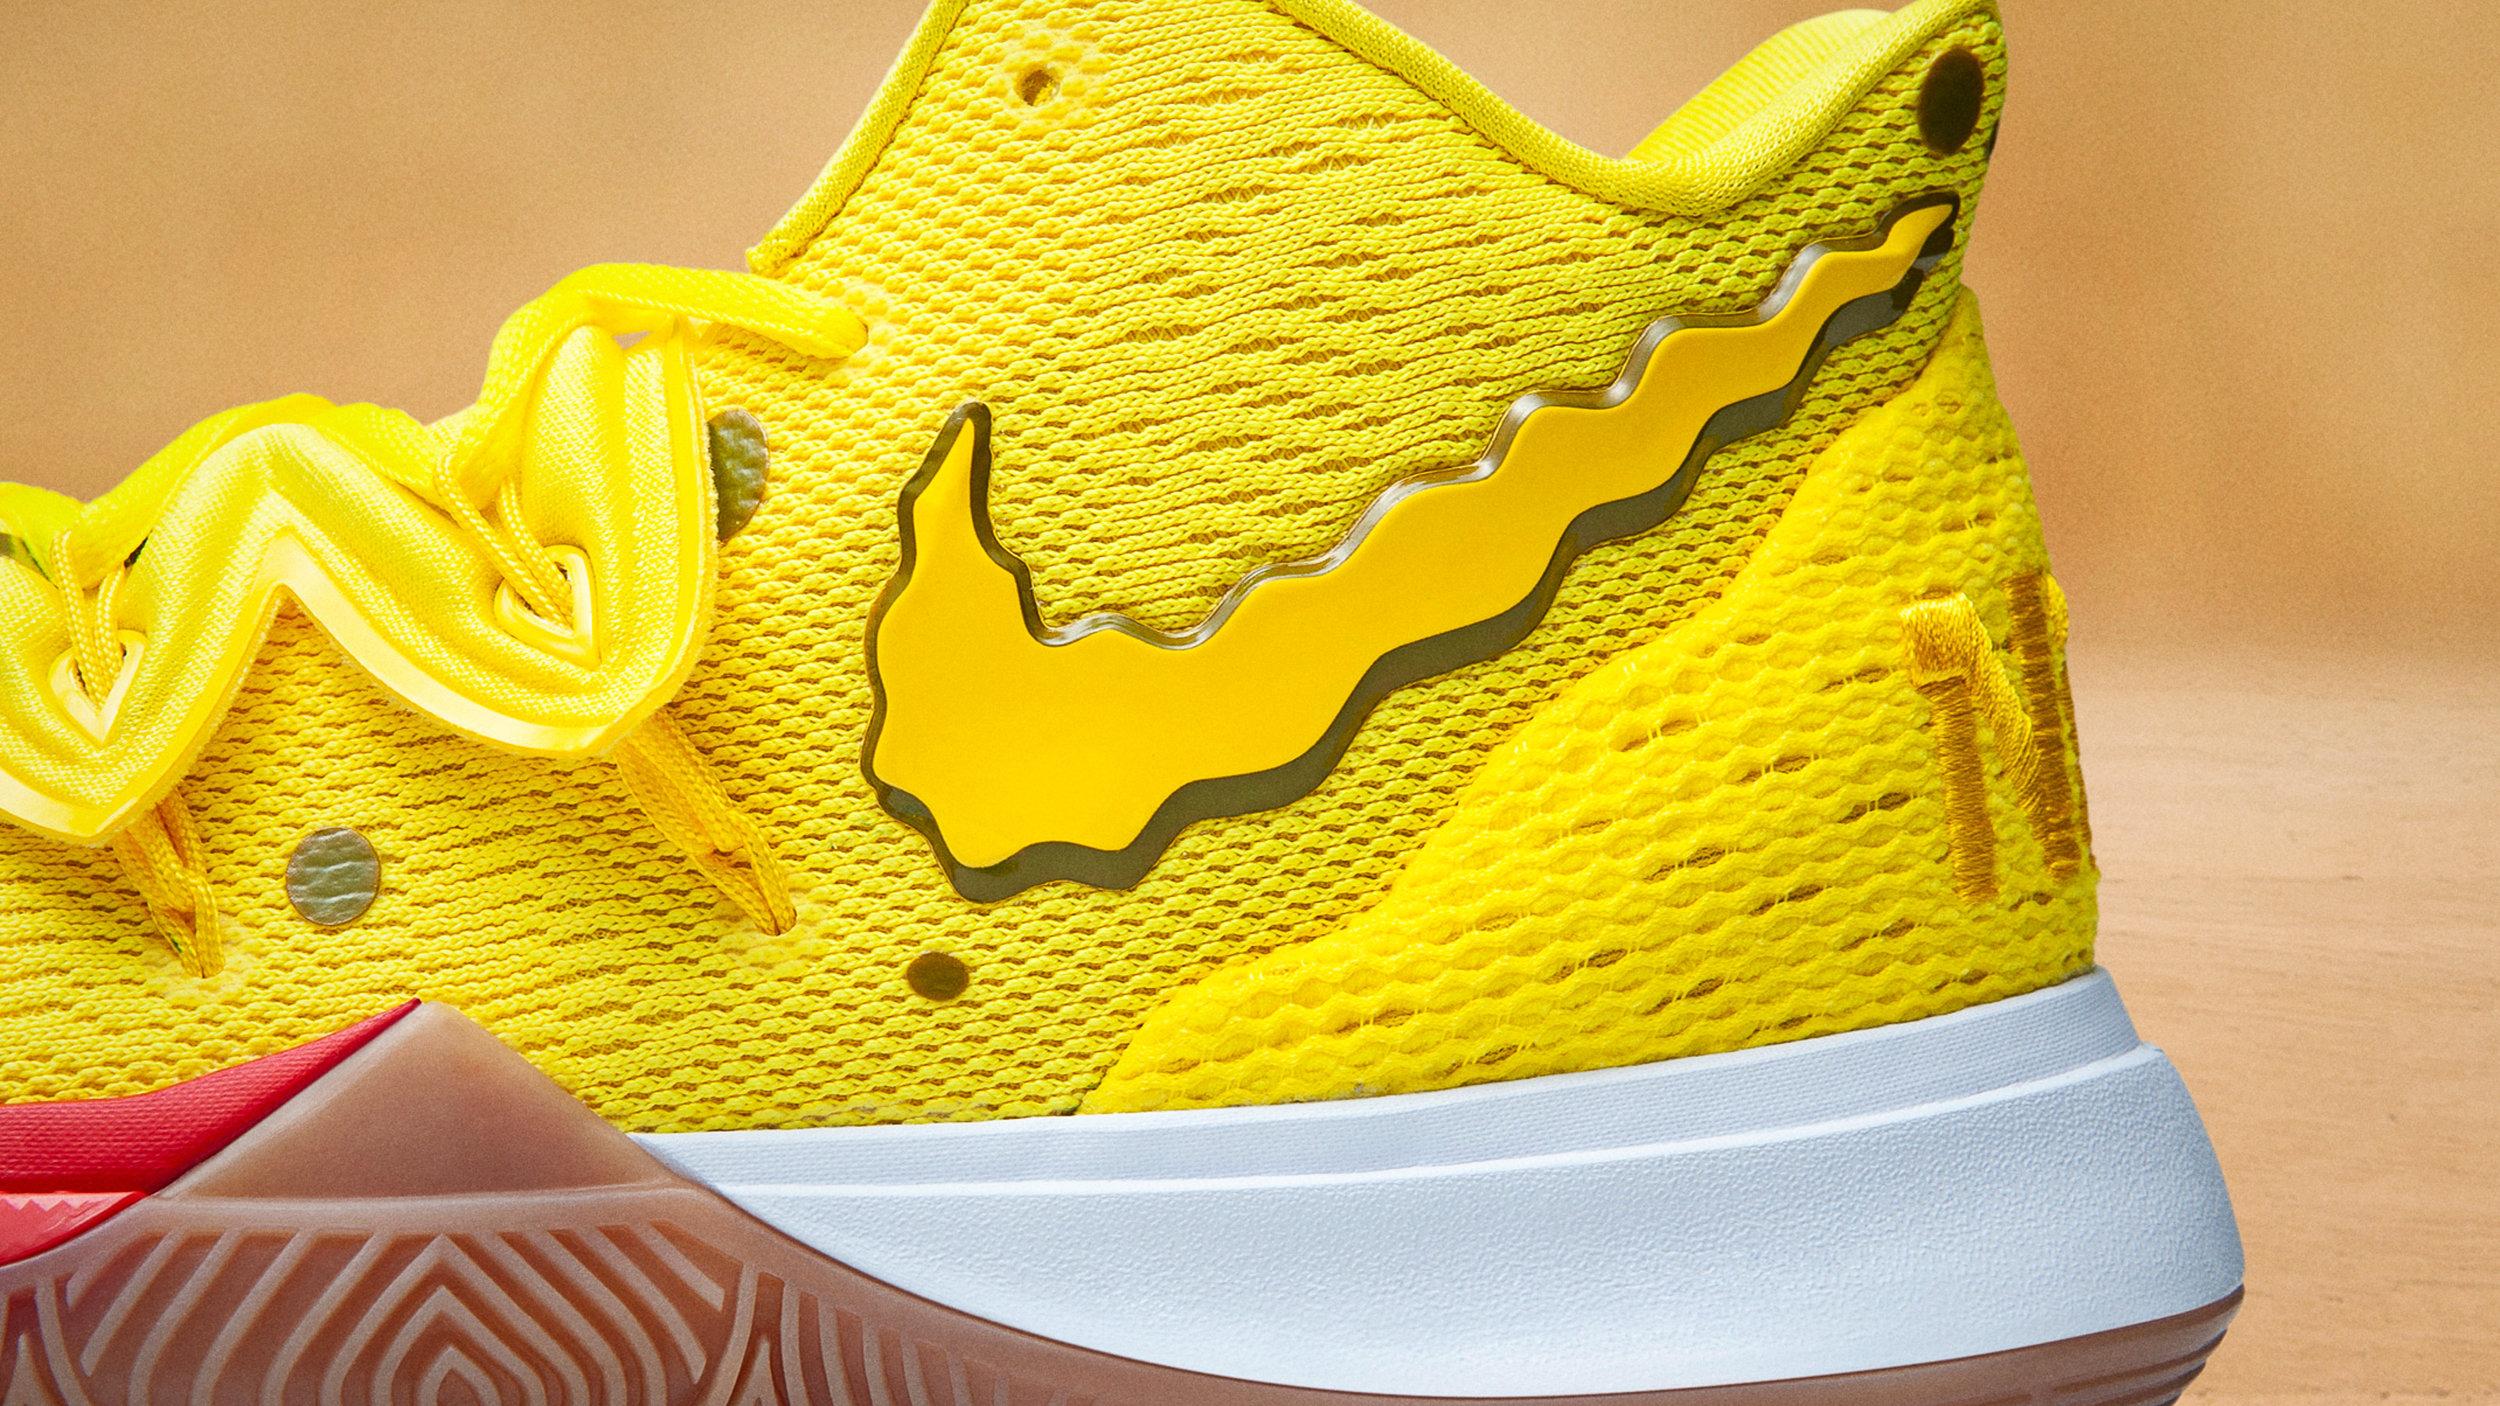 NikeNews_NikeBasketball_Kyrie_Spongebob_DSC_8107_1_89208.jpg